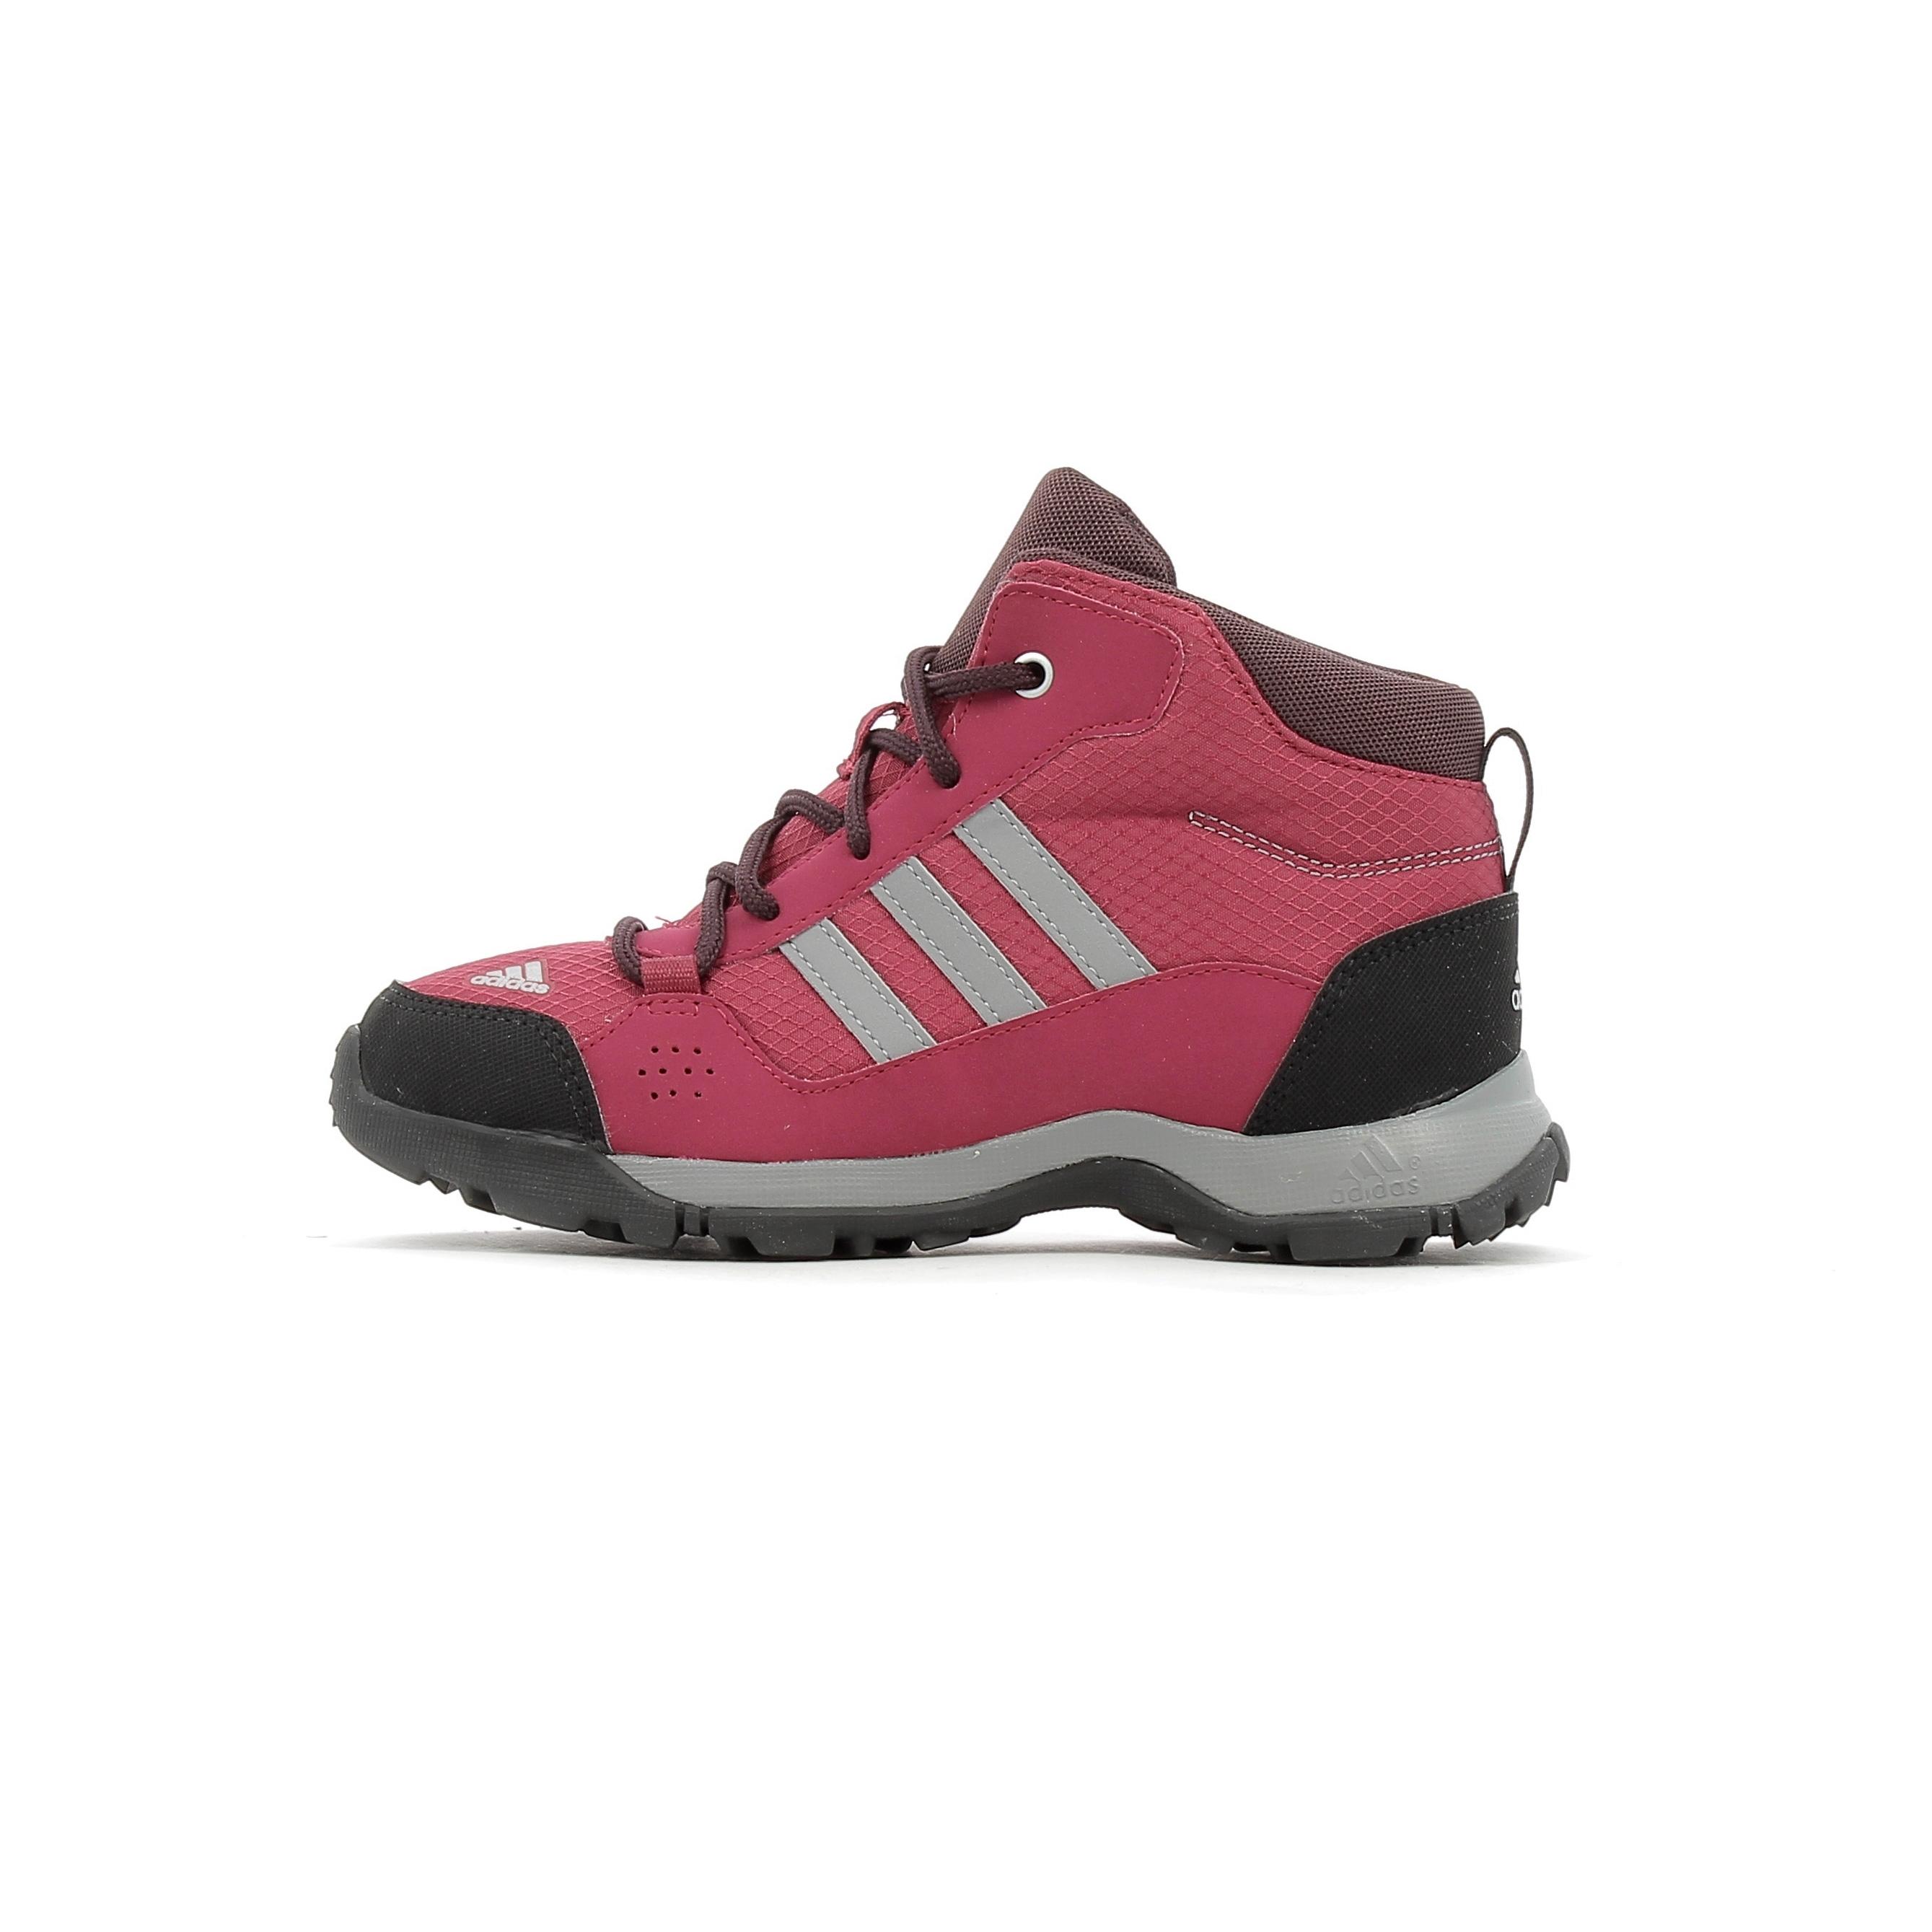 Enfant Adidas Performance Chaussures Chaussure De Randonnée